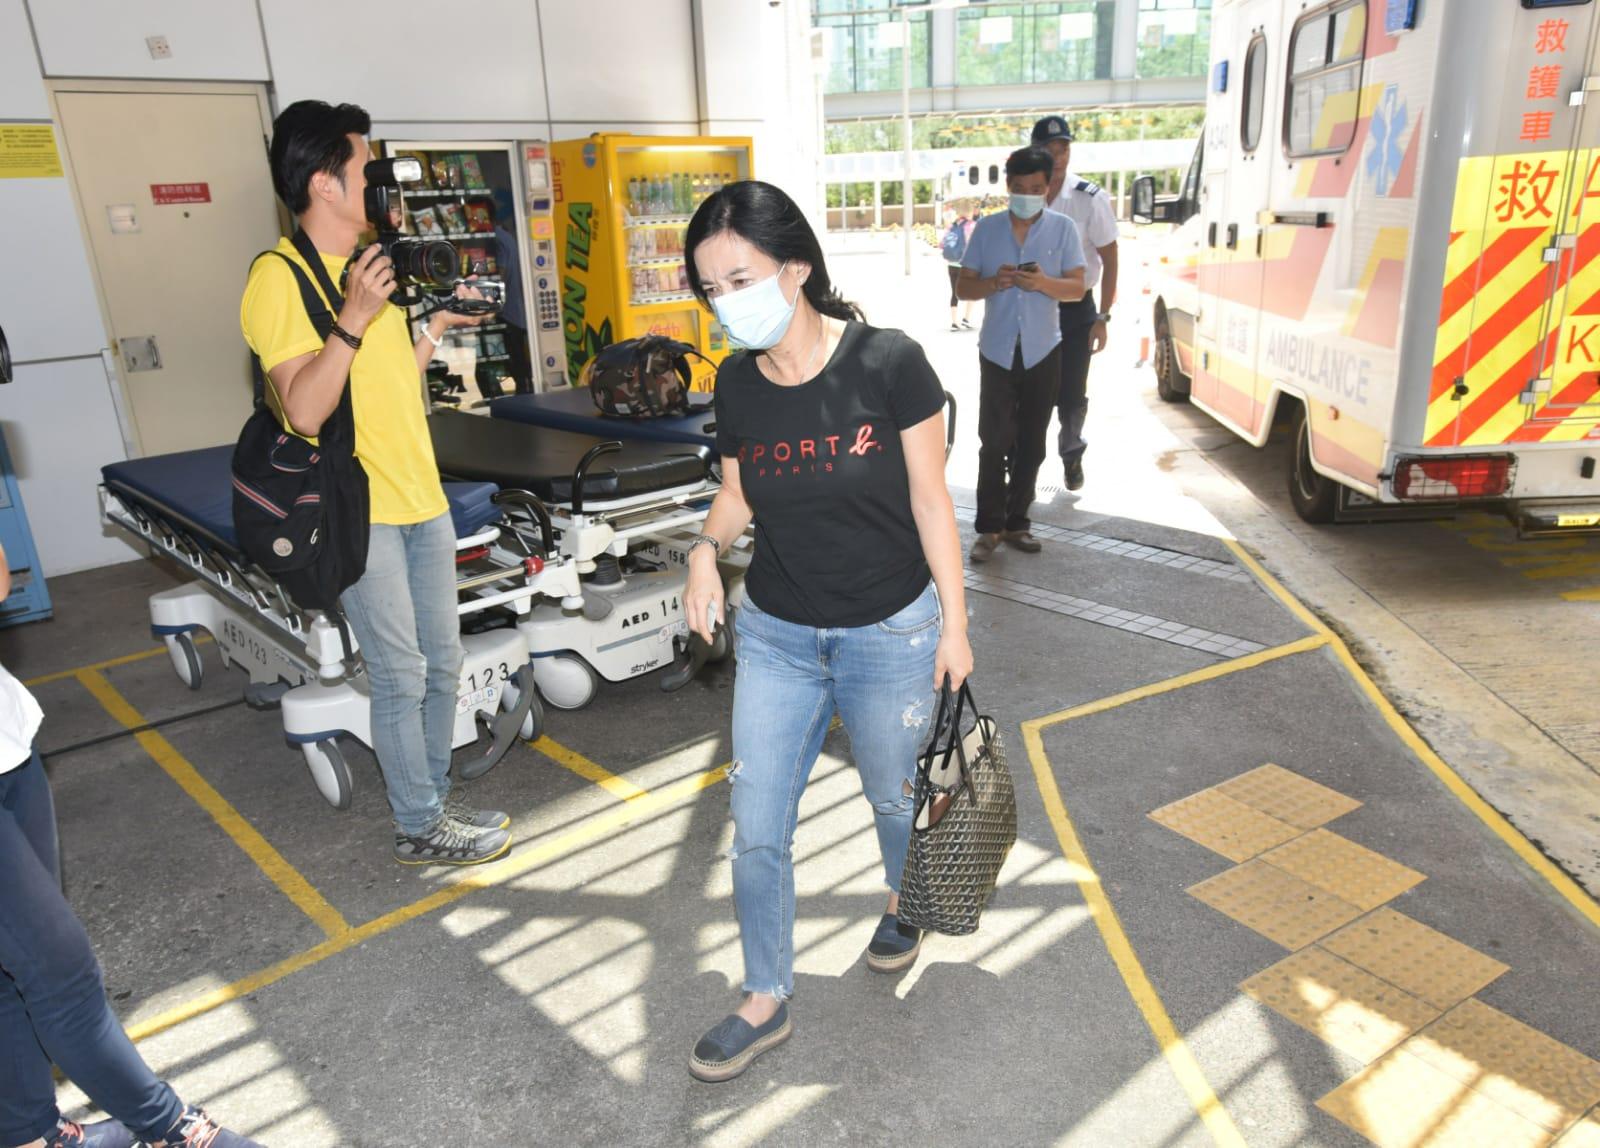 女子沒有受傷,送院檢查。